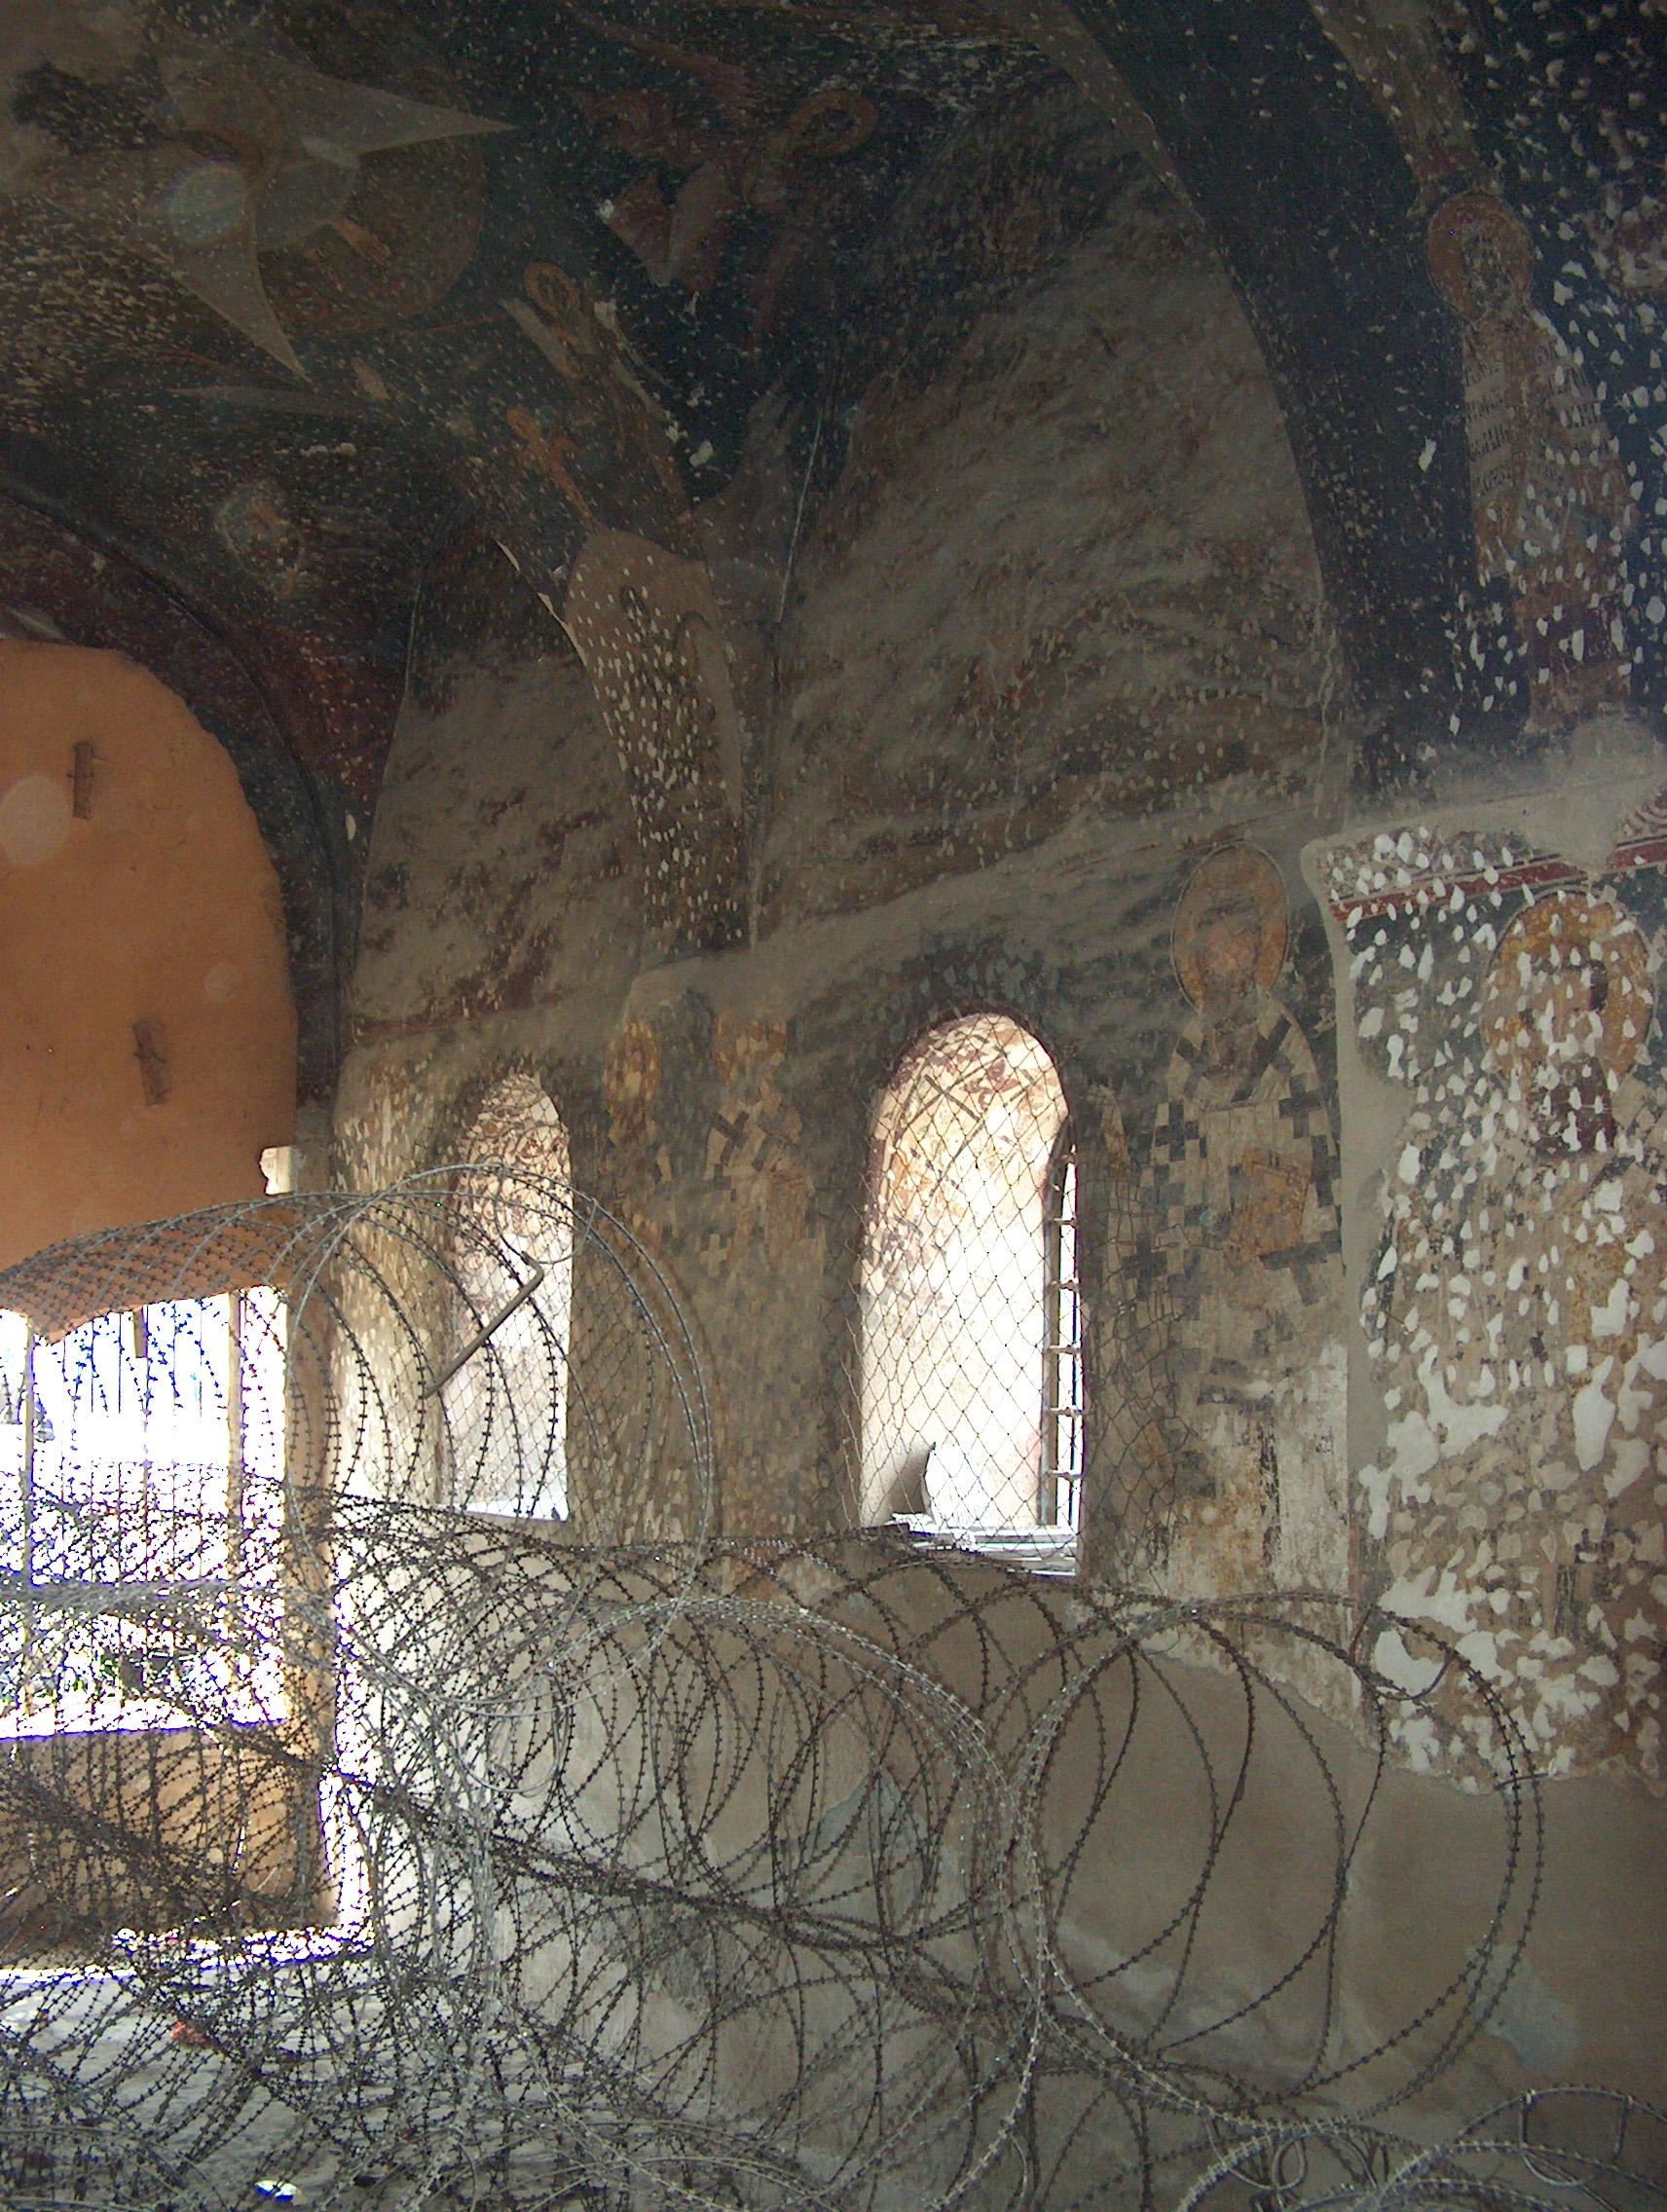 Црква је више пута нападана од стране вандала, што турских што албанских. Жилет жицу је поставио КФОР.